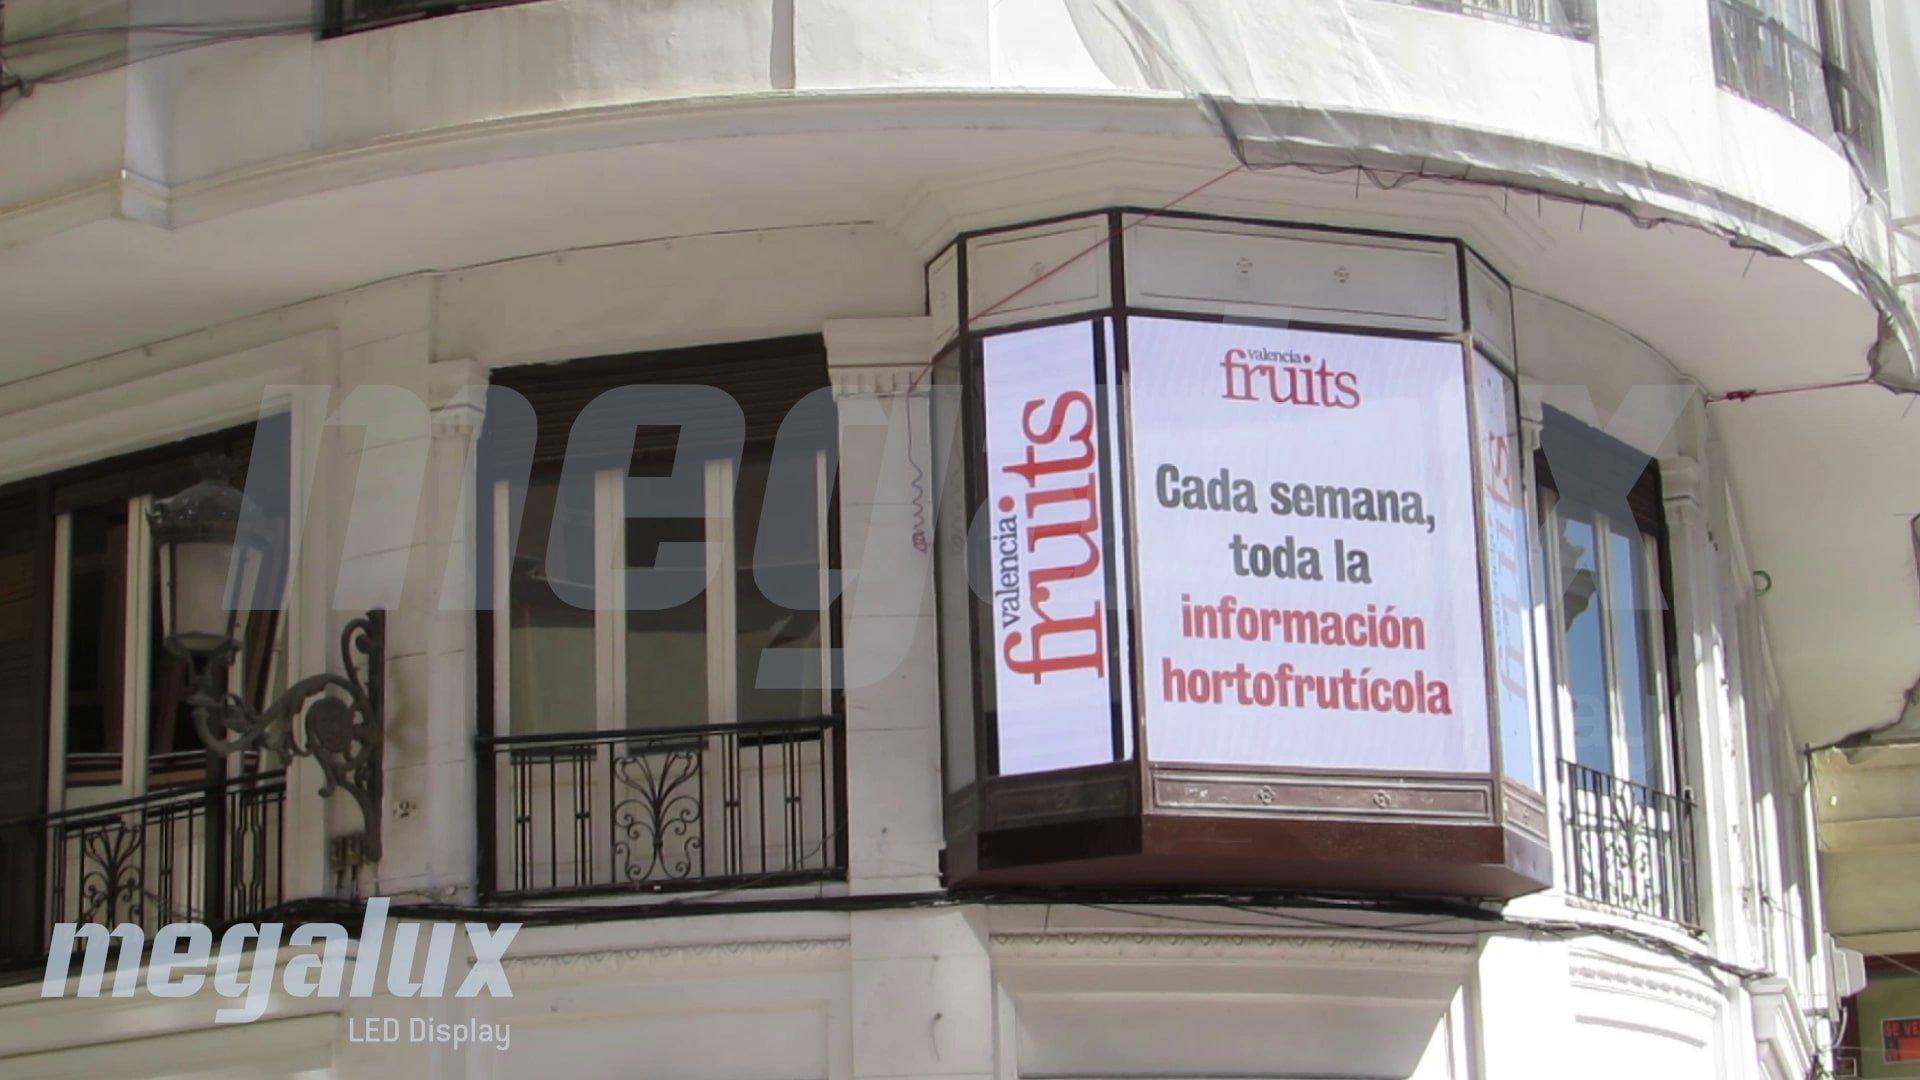 Pantalla LED de Megalux como canal publicitario en la Plaza del Ayuntamiento de Valencia